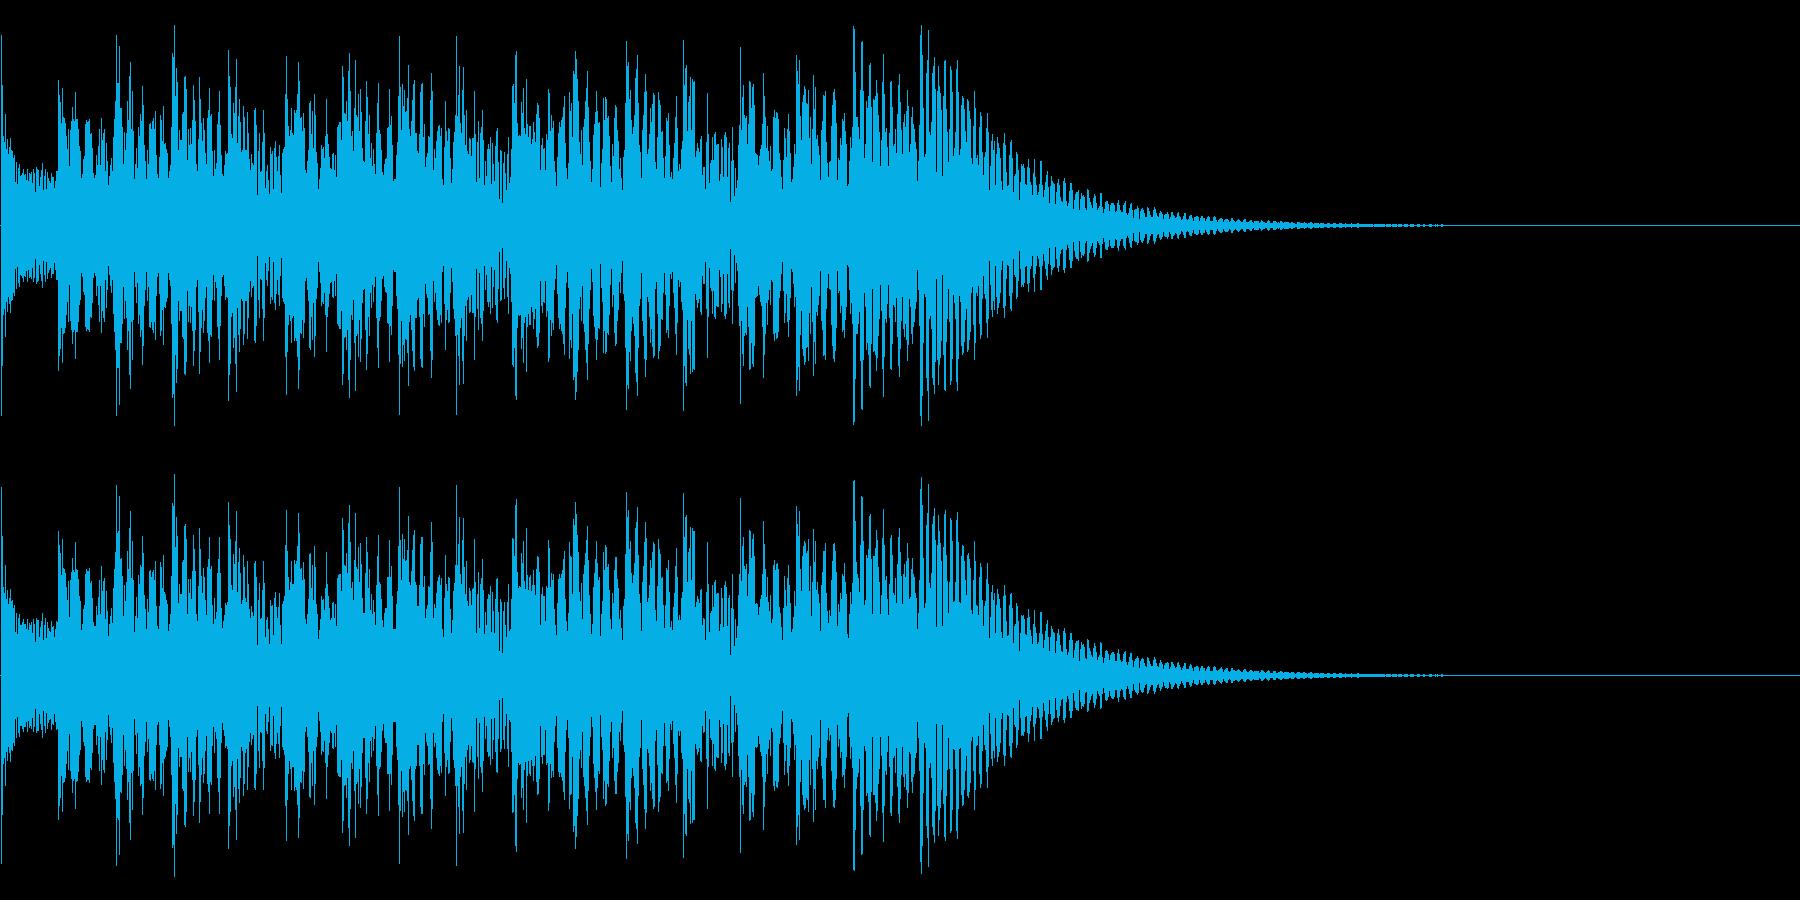 シンプルな効果音 マリンバの魔法音の再生済みの波形